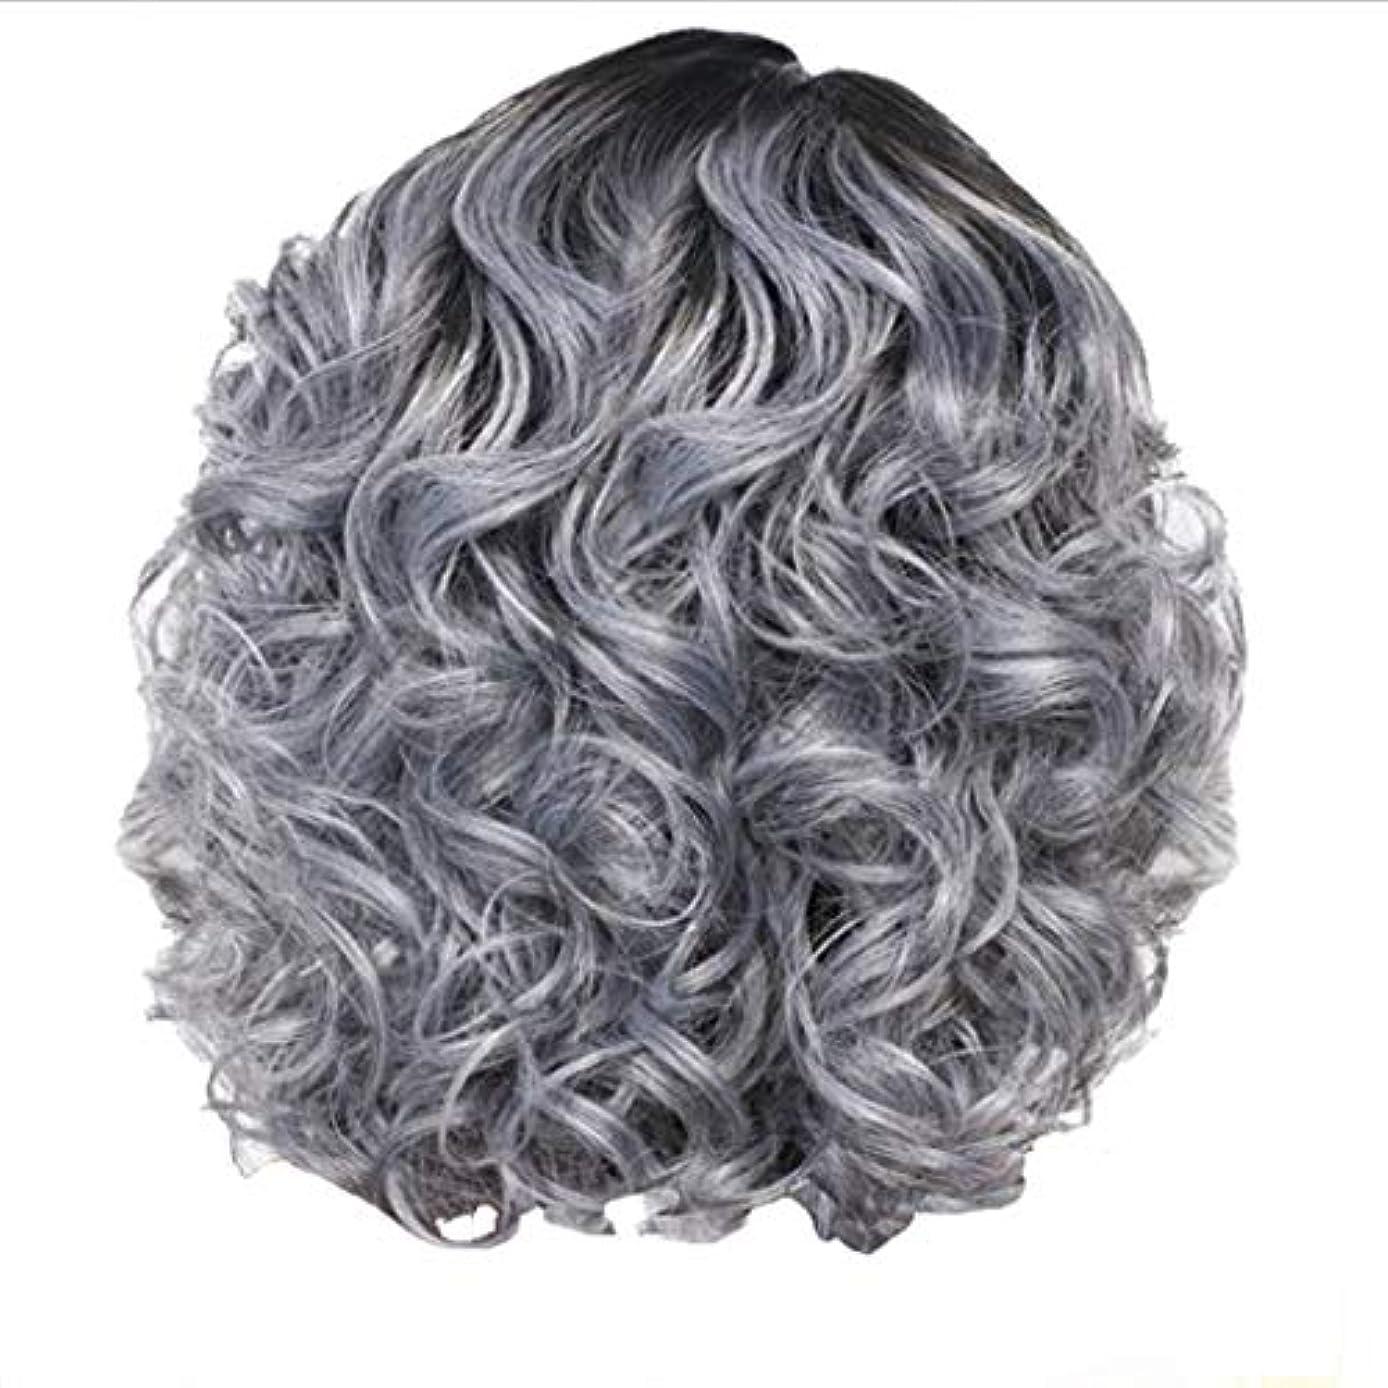 確かな厚いレバーかつら女性の短い巻き毛シルバーグレーレトロ巻き毛ネット30 cm